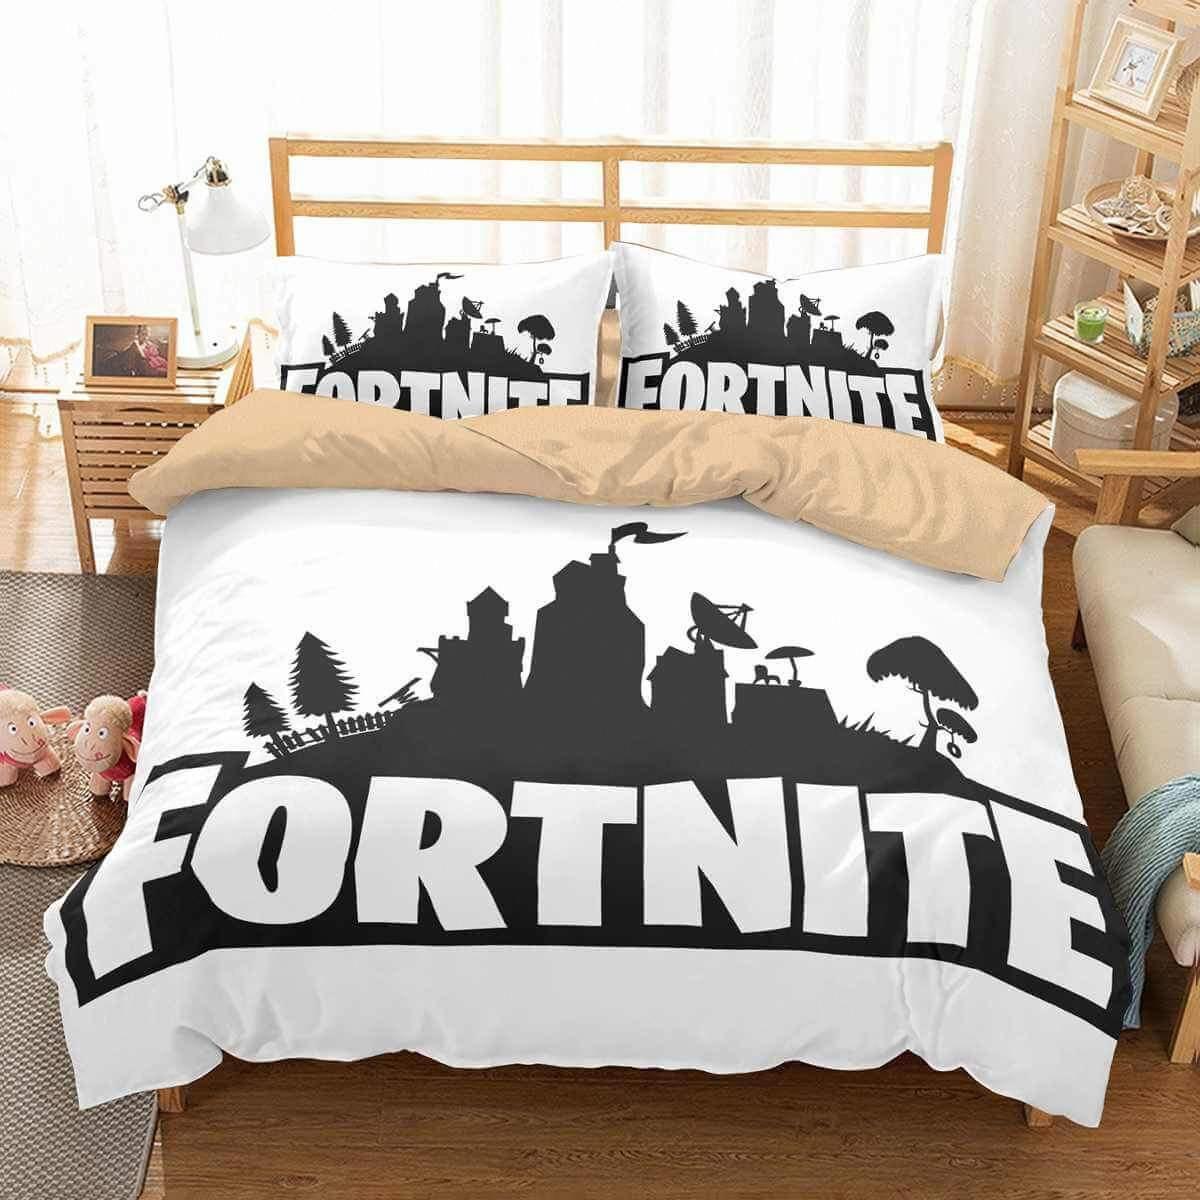 18D Customize Fortnite Bedding Set Duvet Cover Set Bedroom Set